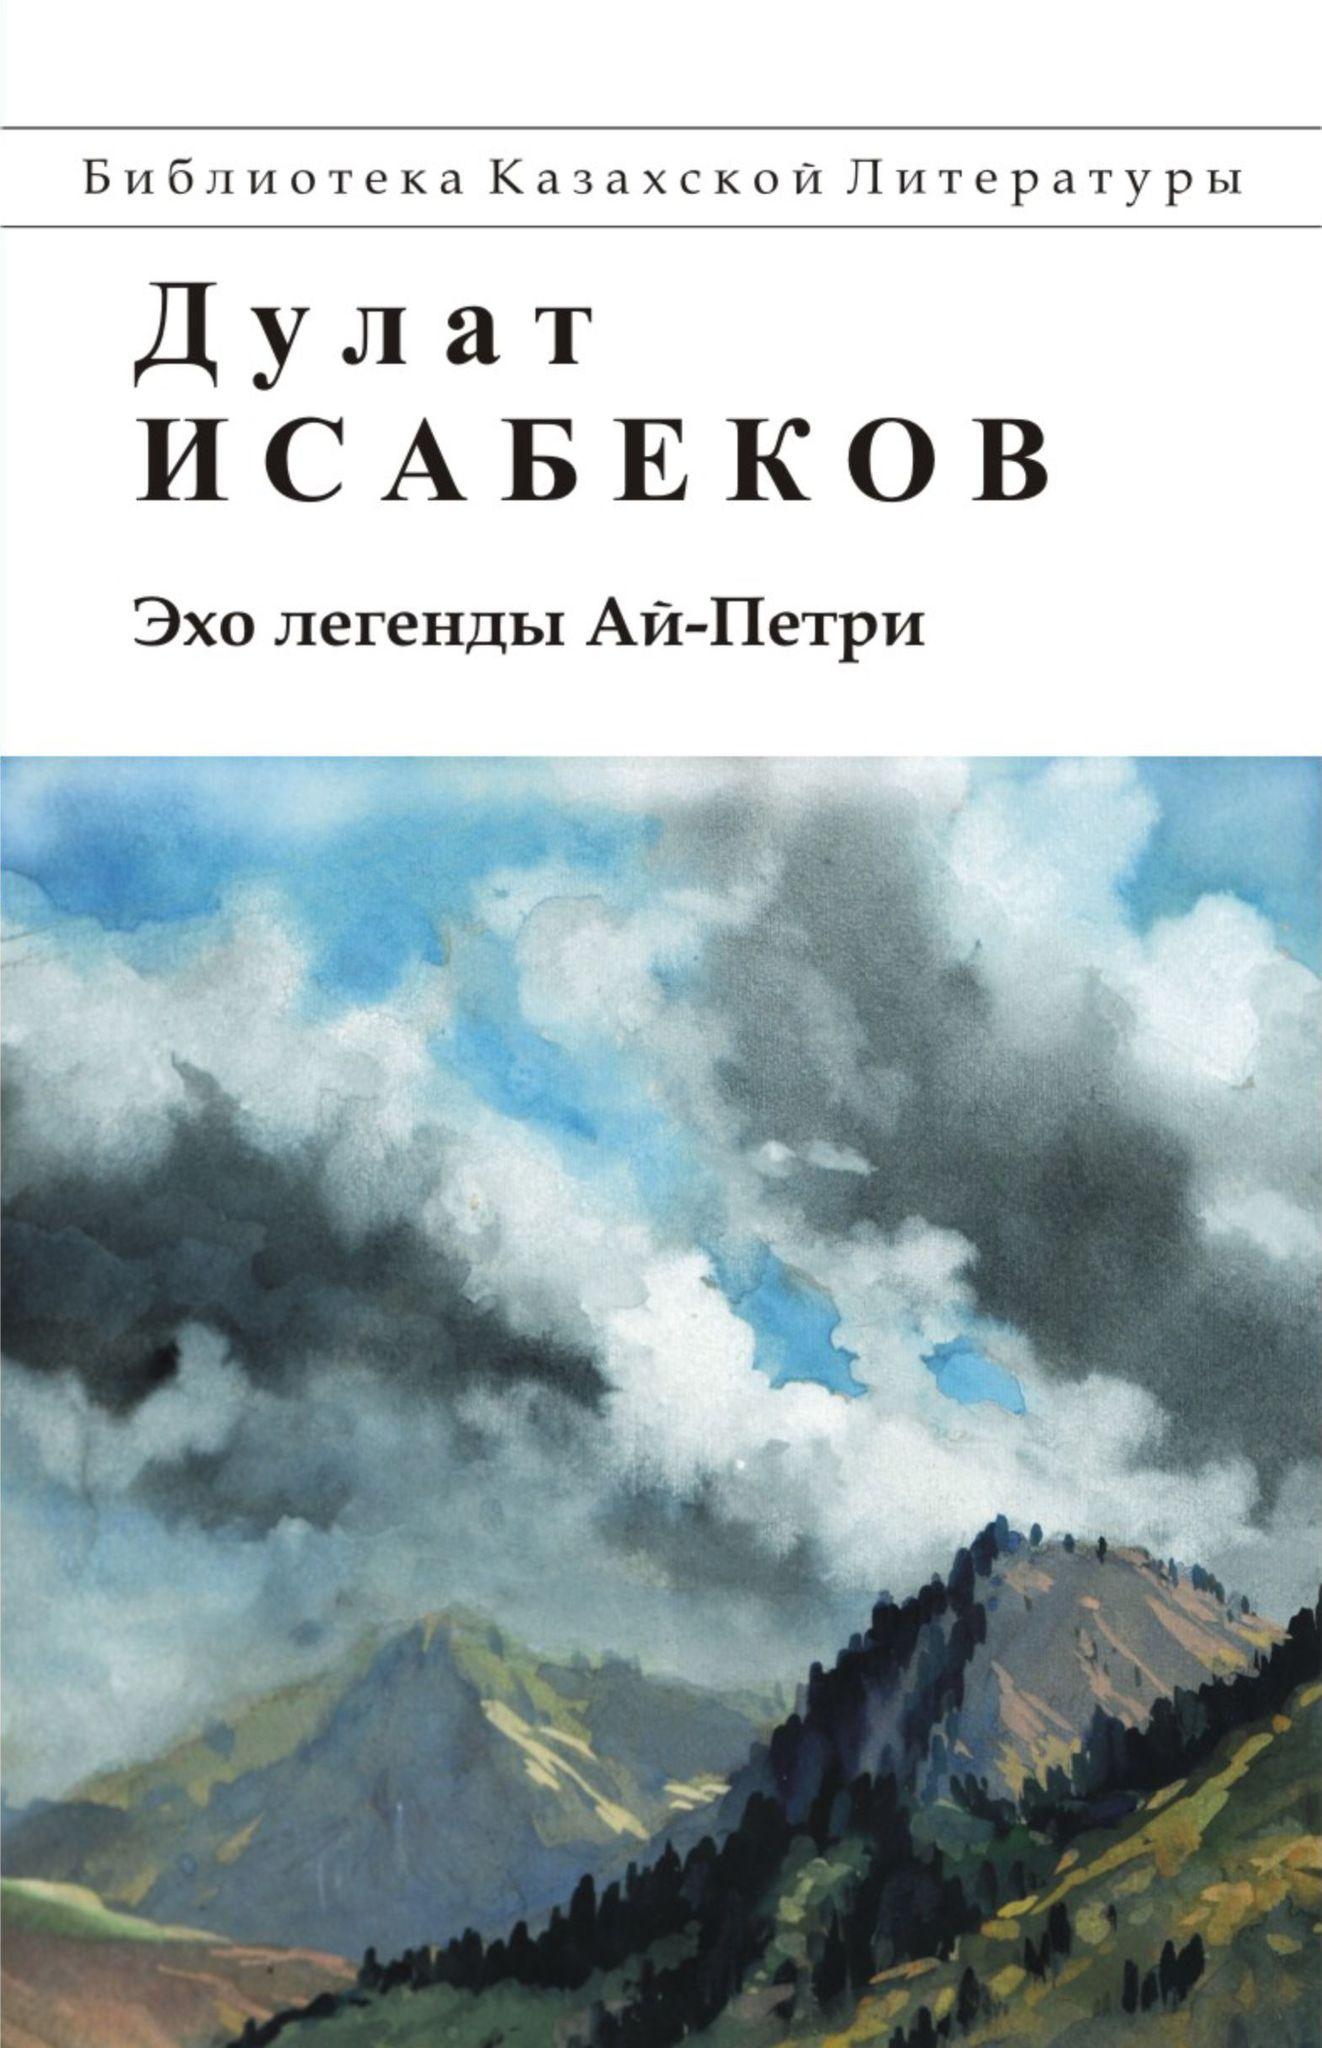 Эхо легенды Ай-Петри. Дулат Исабеков